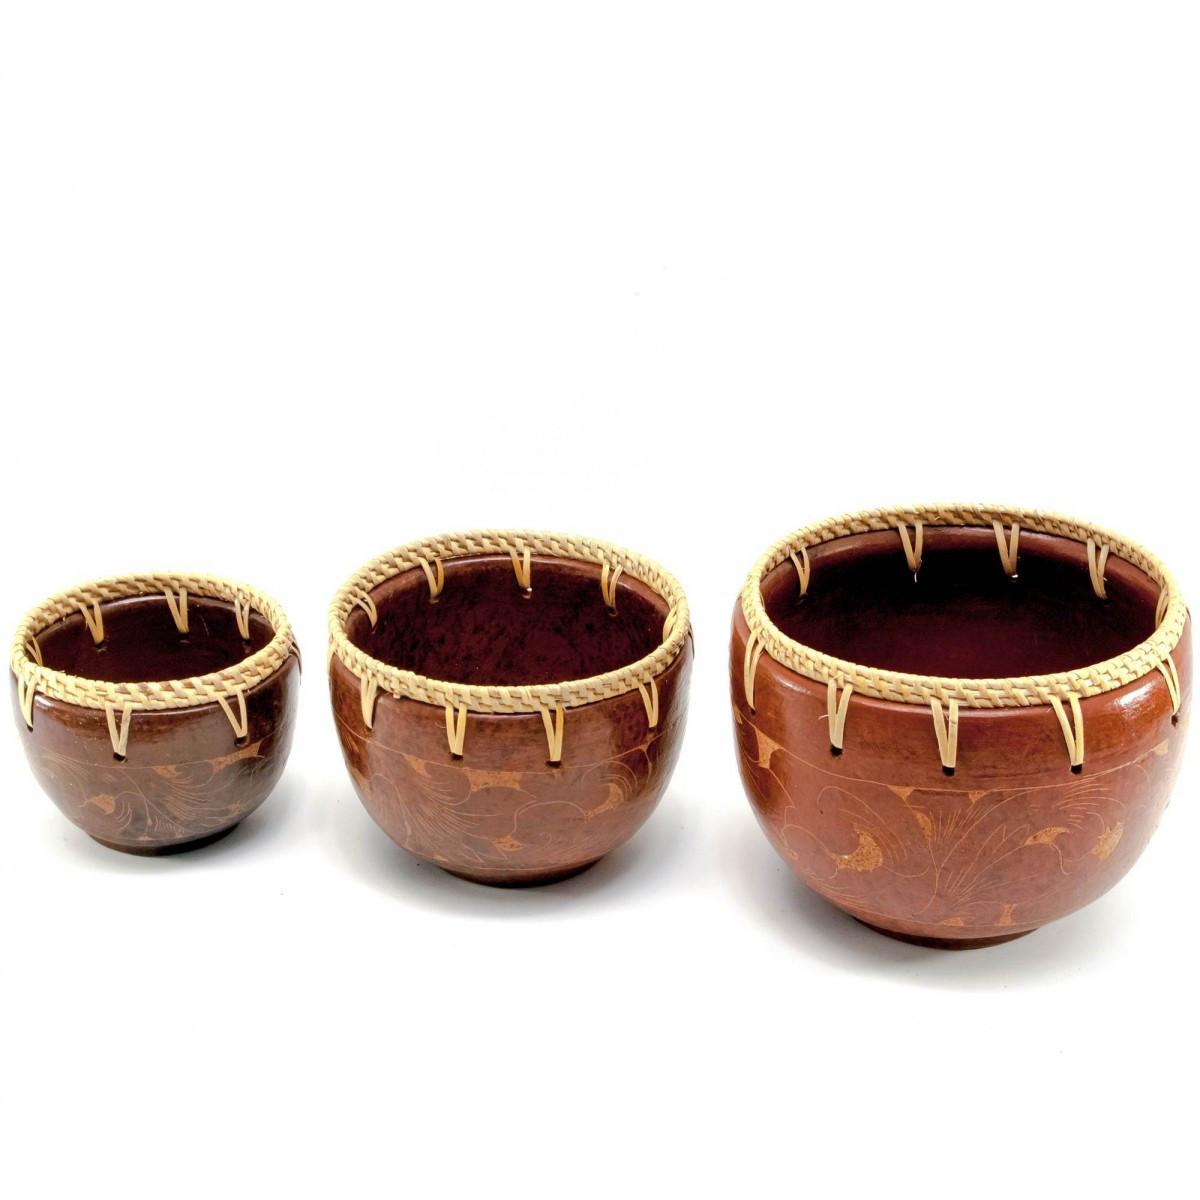 Чаши терракотовые набор 3 шт d-16 h-12,5 см d-13,5 h-10,5 см d-11 h- 8,5см 30295